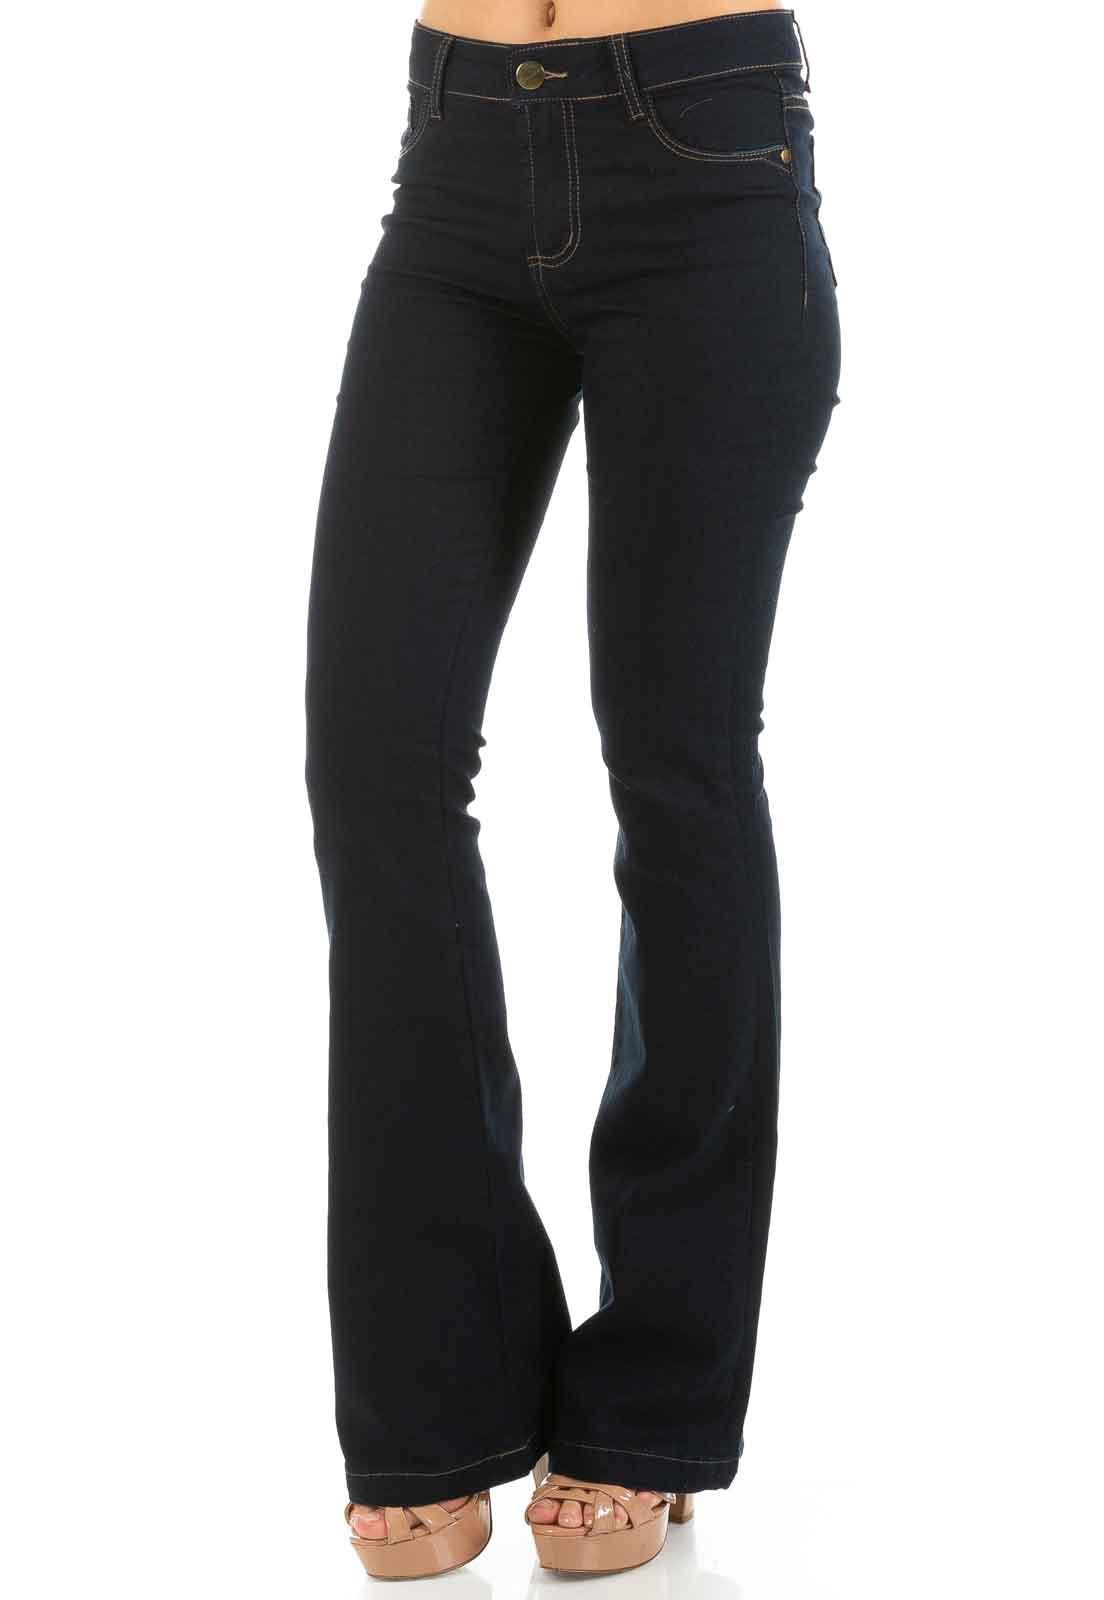 3981dc47e7 Calça Jeans Feminina Cintura Alta Flare Azul Marinho - Dioxes Jeans